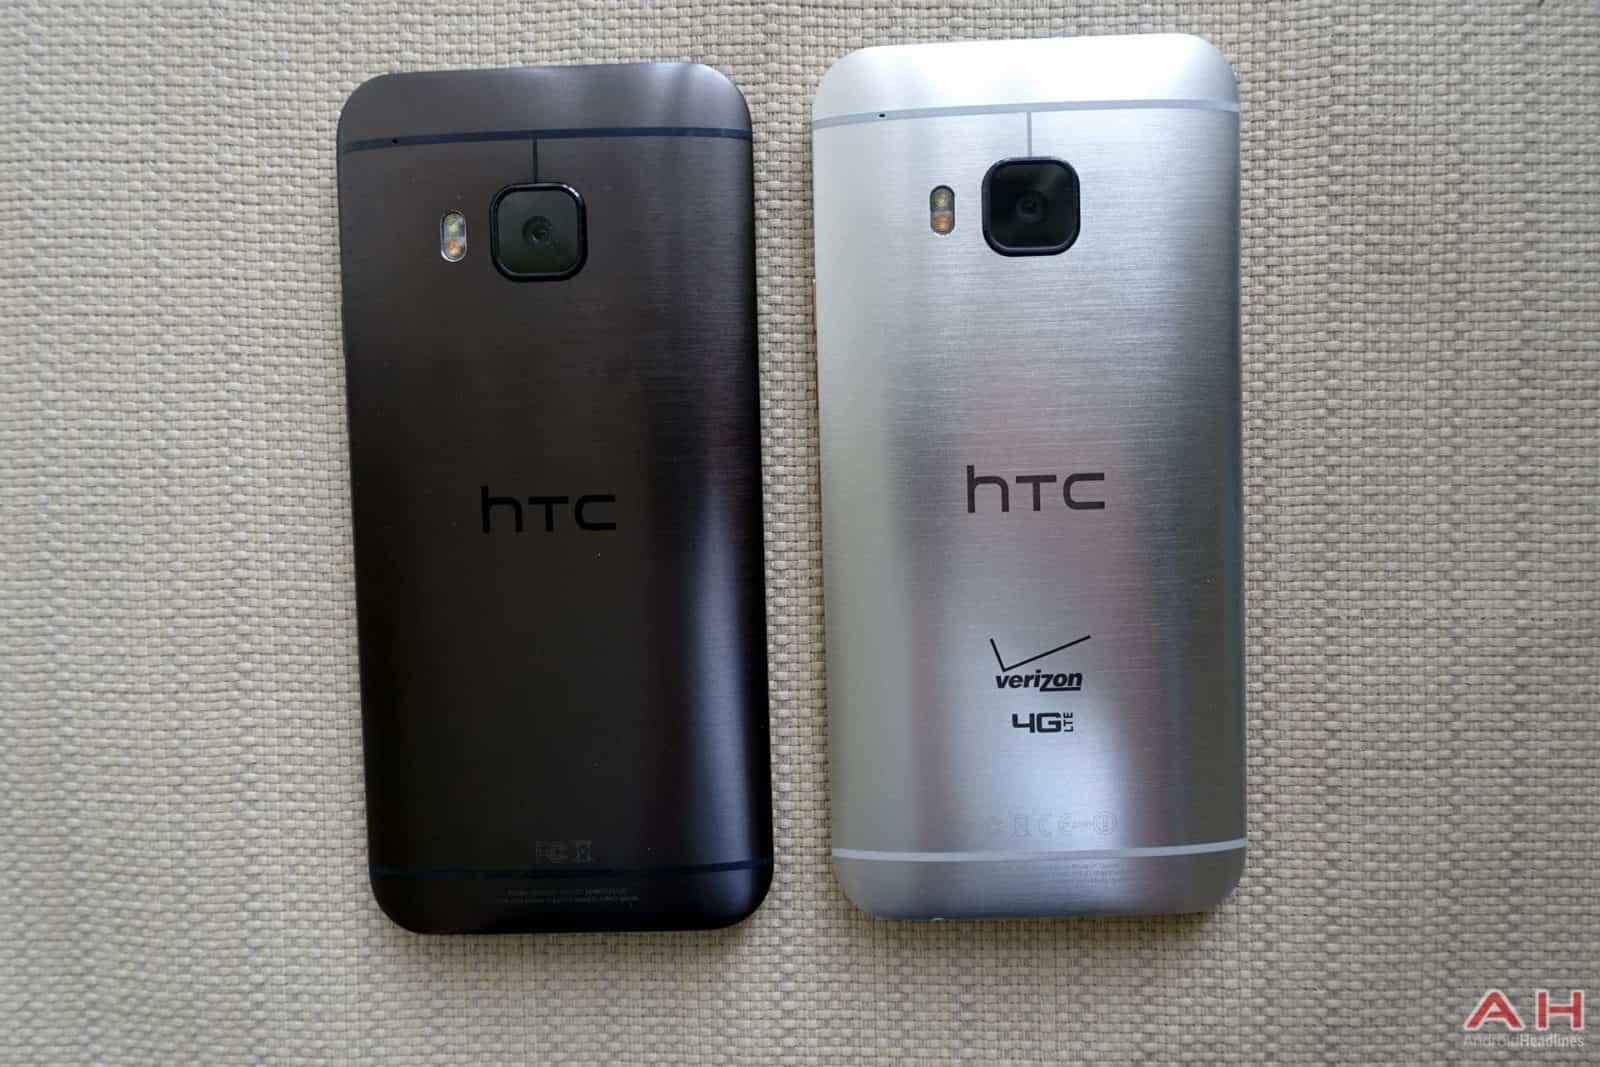 HTC-One-M9-AH-1-2